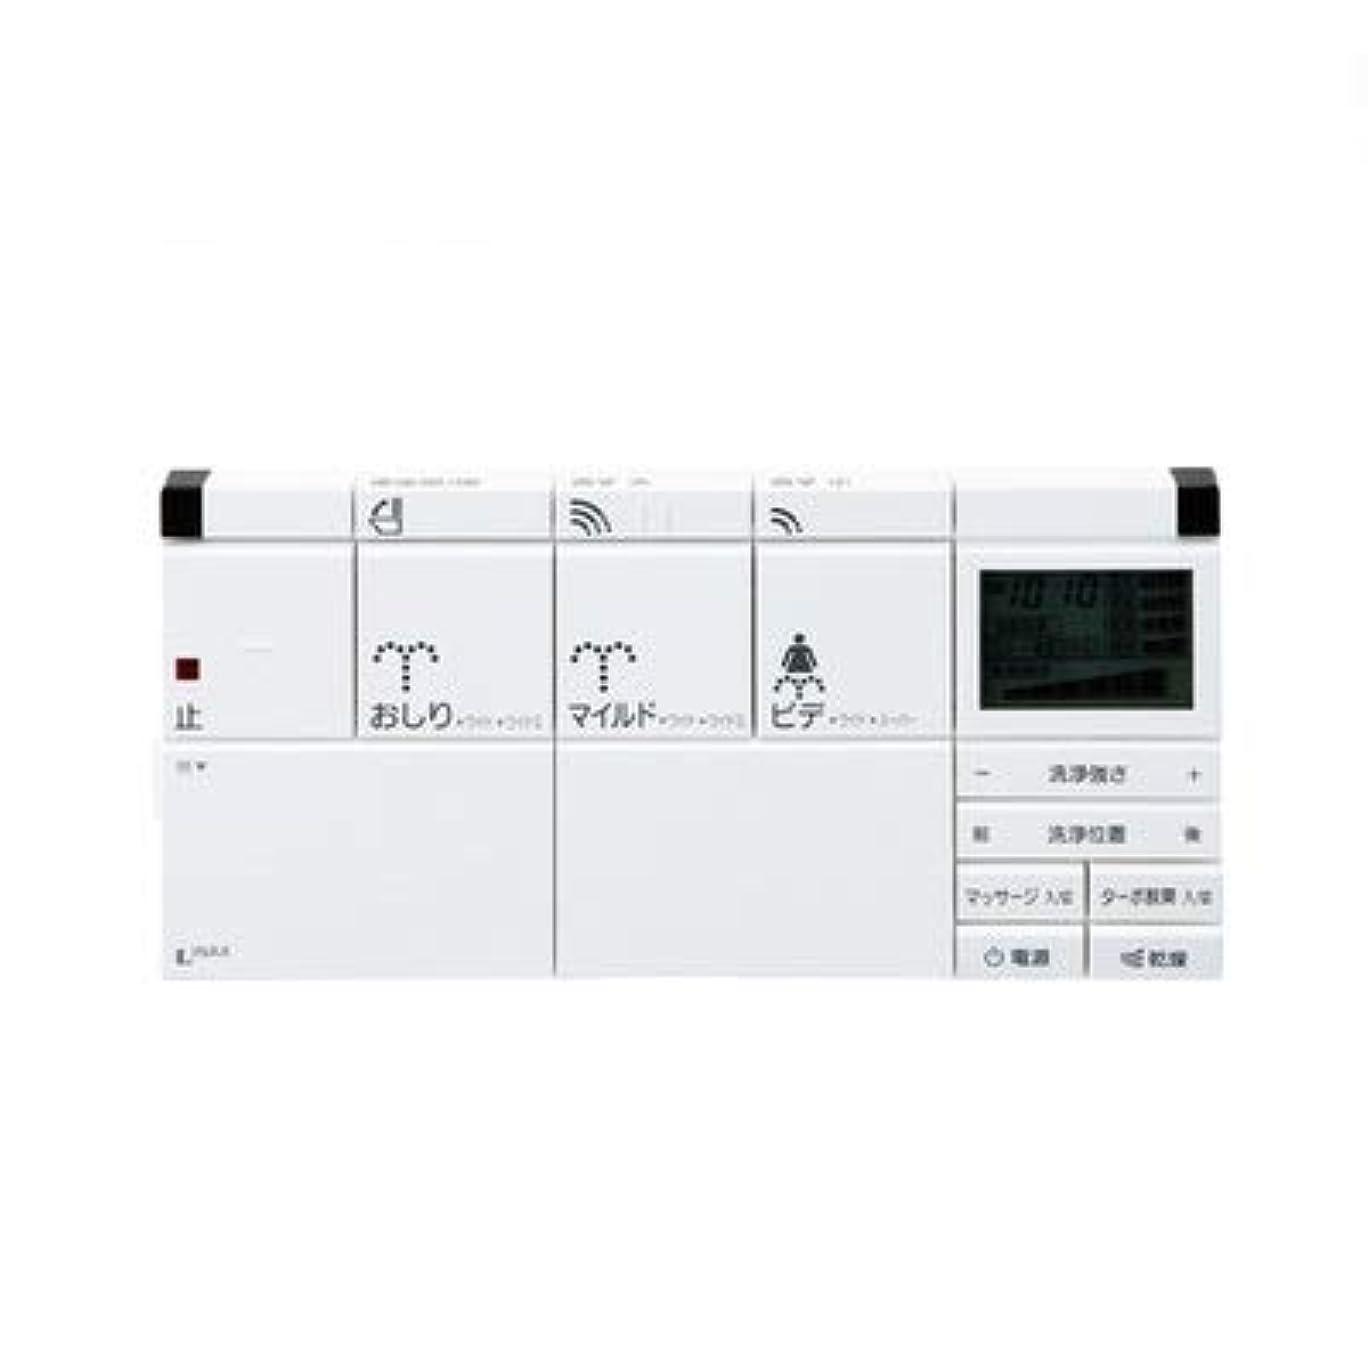 パパサイバースペース現代[354-1420A-SET]LIXIL/INAX シャワートイレ用リモコン サティス DV-S417A?DV-S427Aタイプ用 壁リモコン